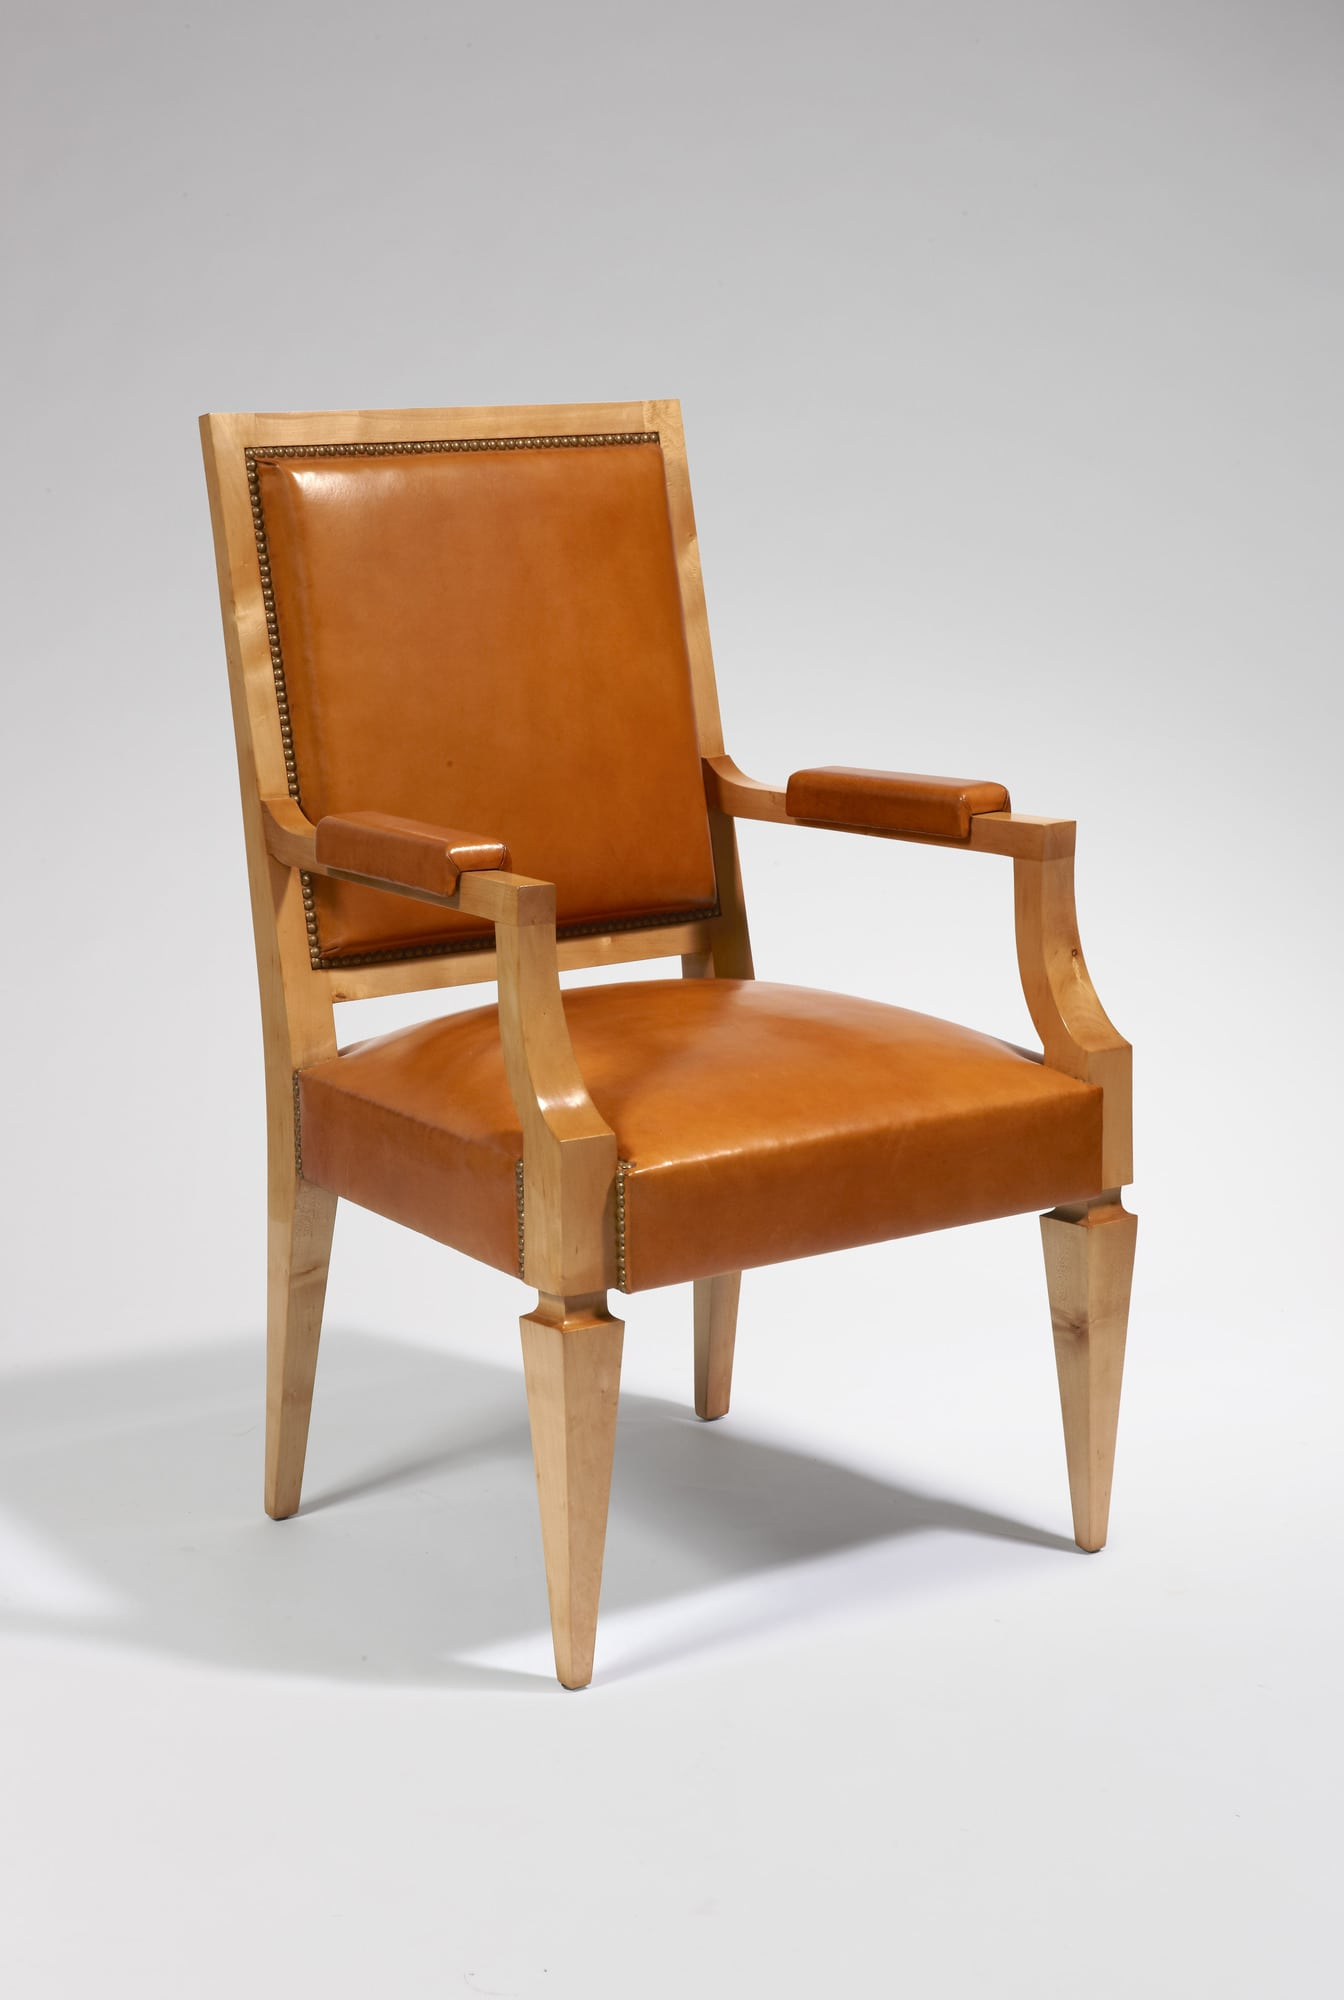 Bureau et son fauteuil, vue 04